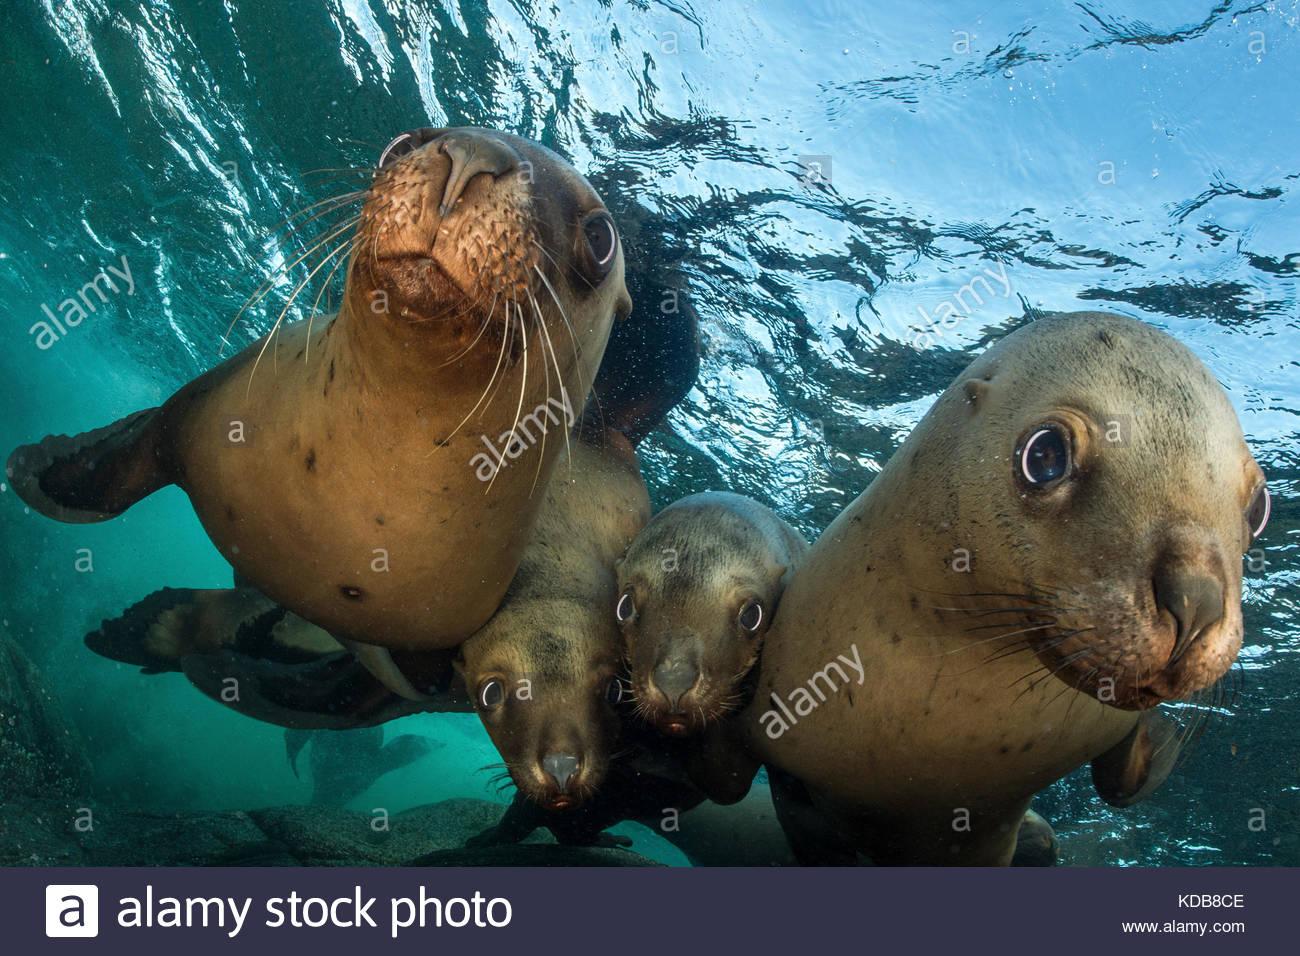 Près d'un groupe d'adolescent, les lions de mer de Steller Eumetopias jubatus. Photo Stock